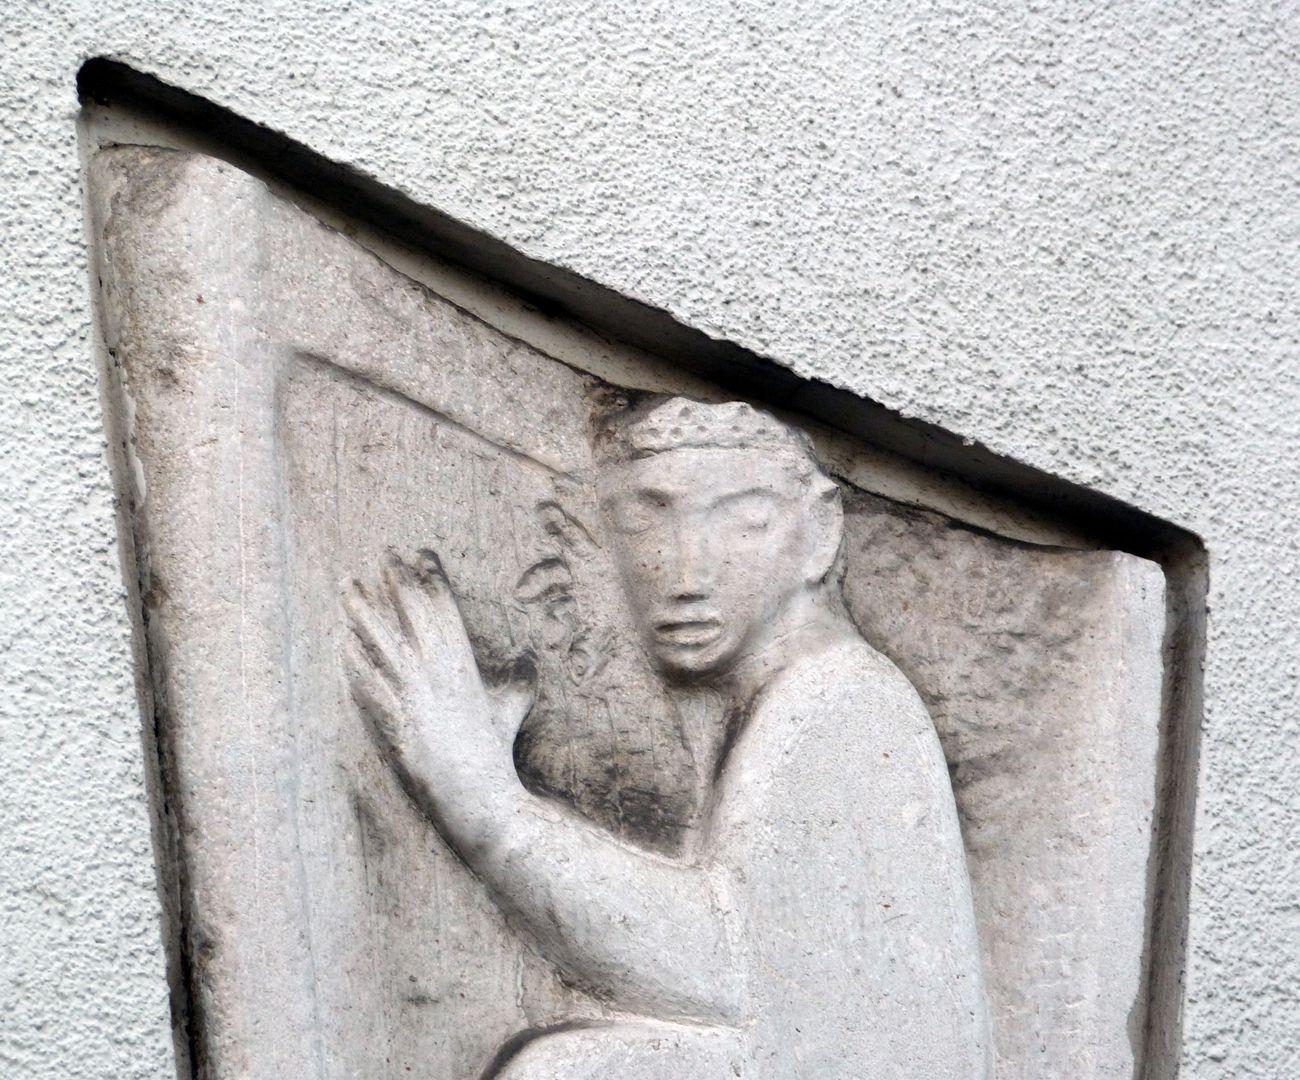 David mit der Harfe obere Hälfte